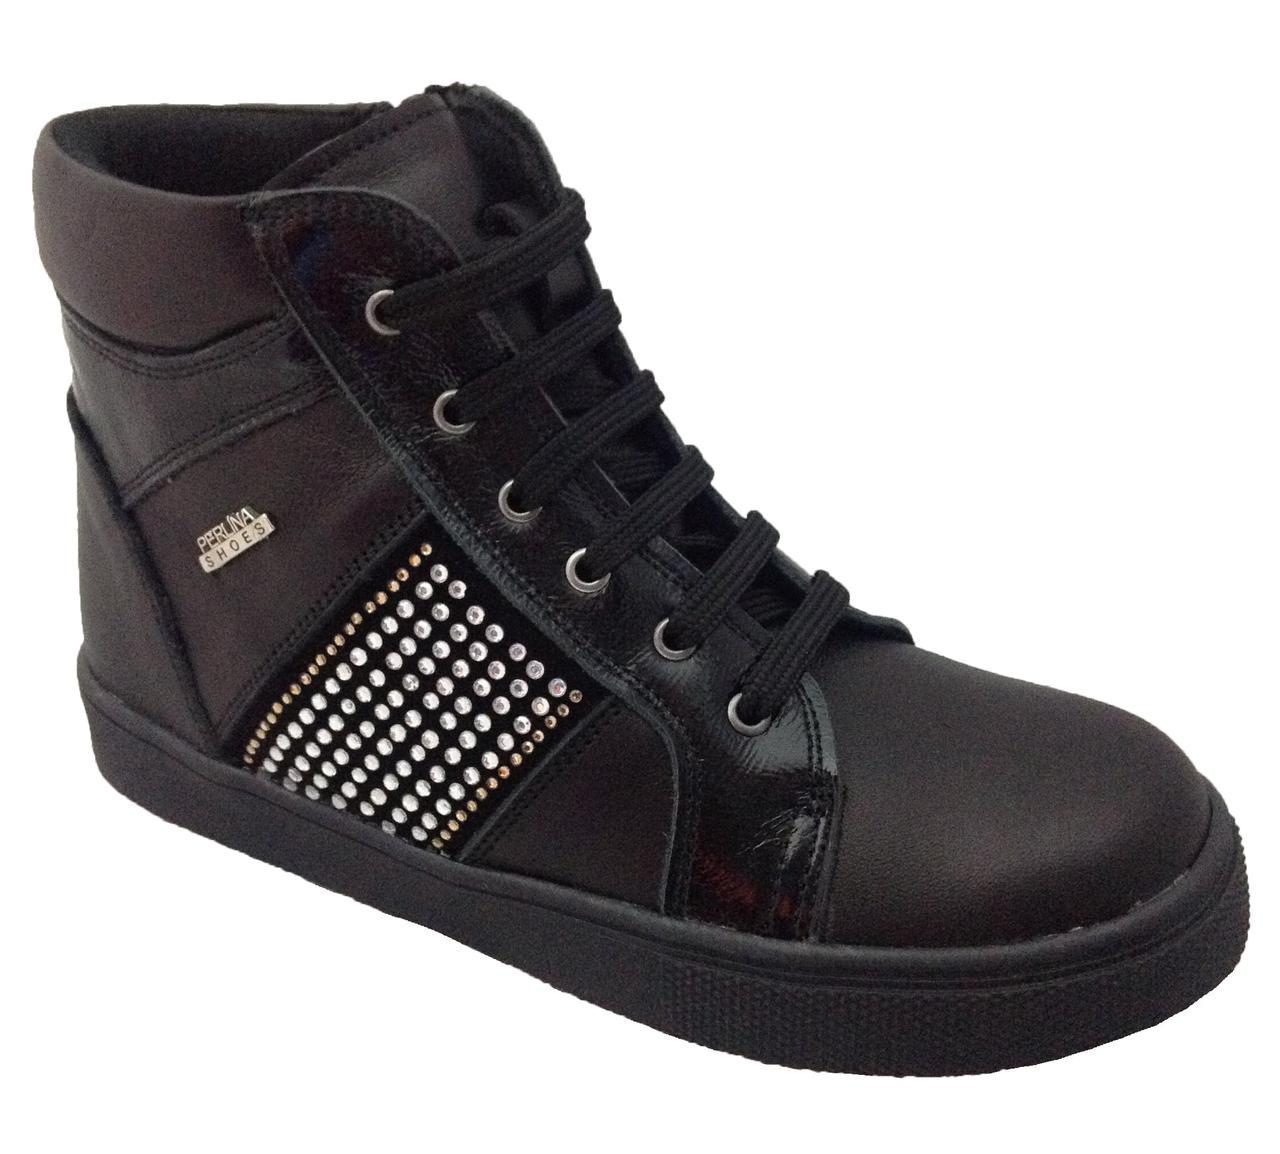 Ботинки Perlina 32BLACK р. 27 Черные